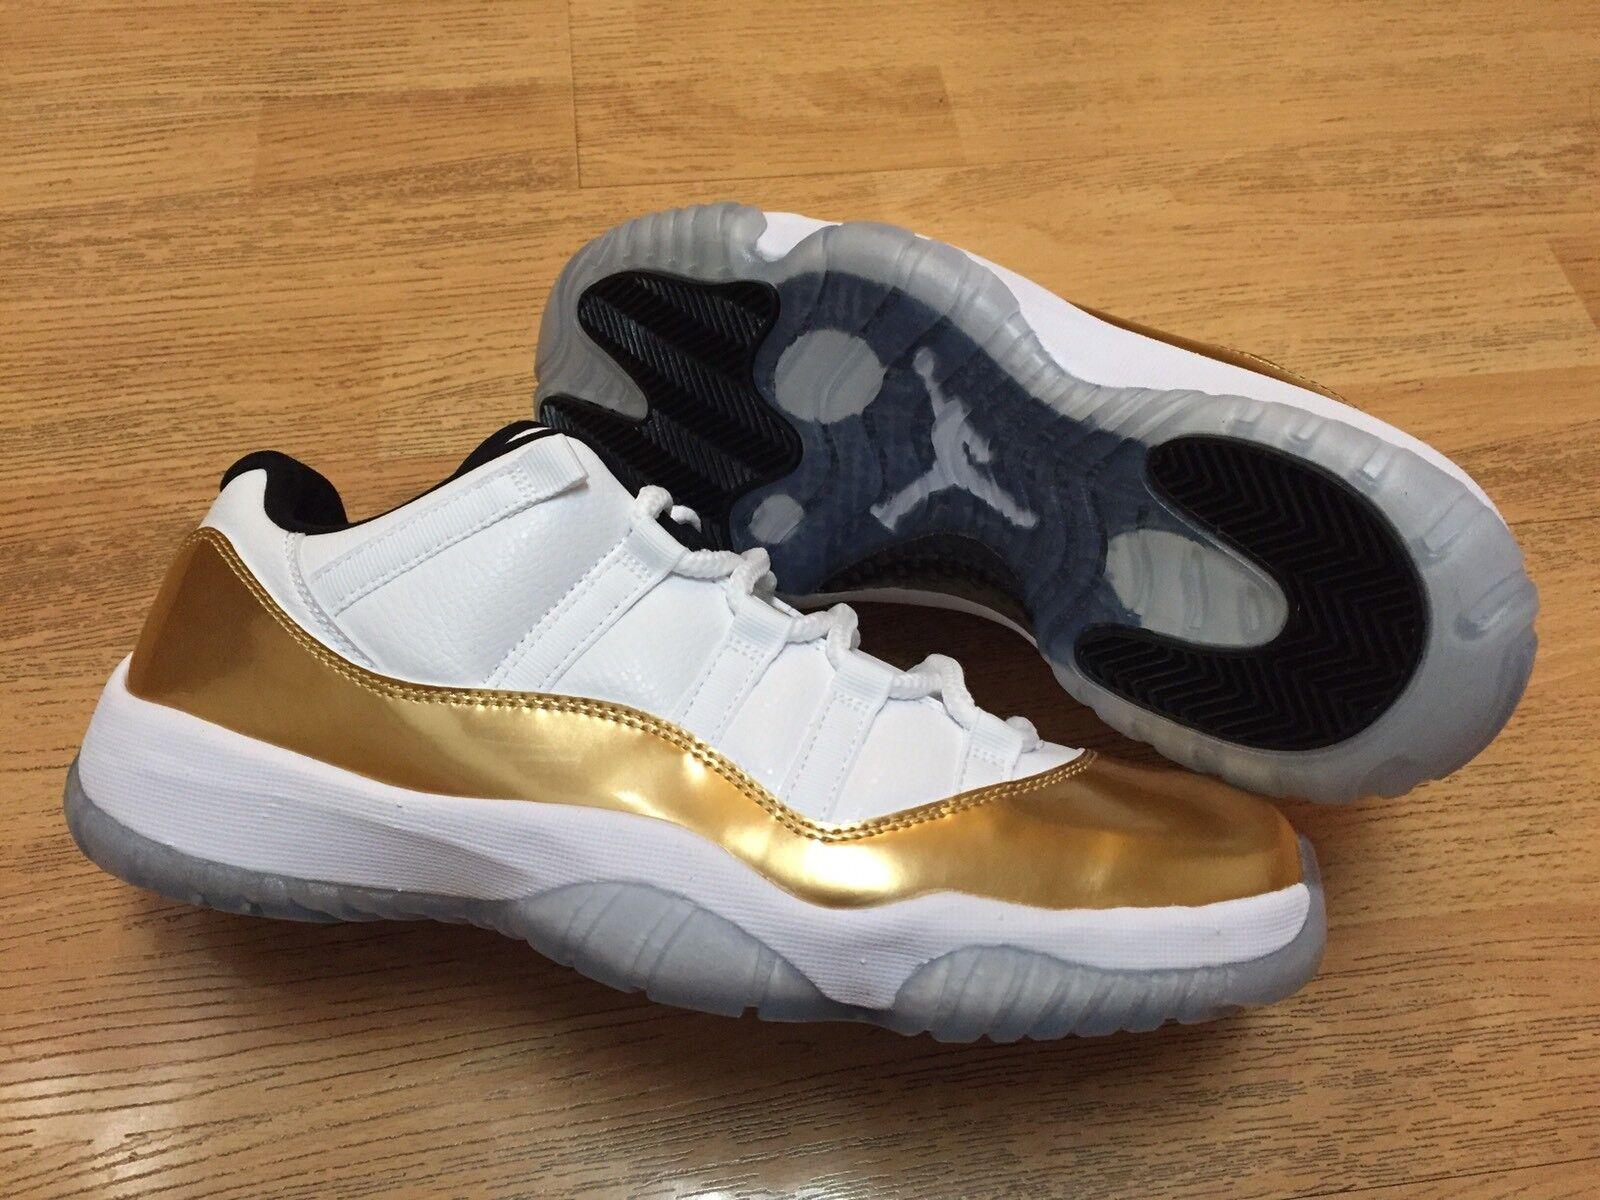 Nike Air zapatos Jordan Retro 11 baja zapatos Air de baloncesto olímpico de ceremonia de clausura XI  El último descuento zapatos para hombres y mujeres 9b2673